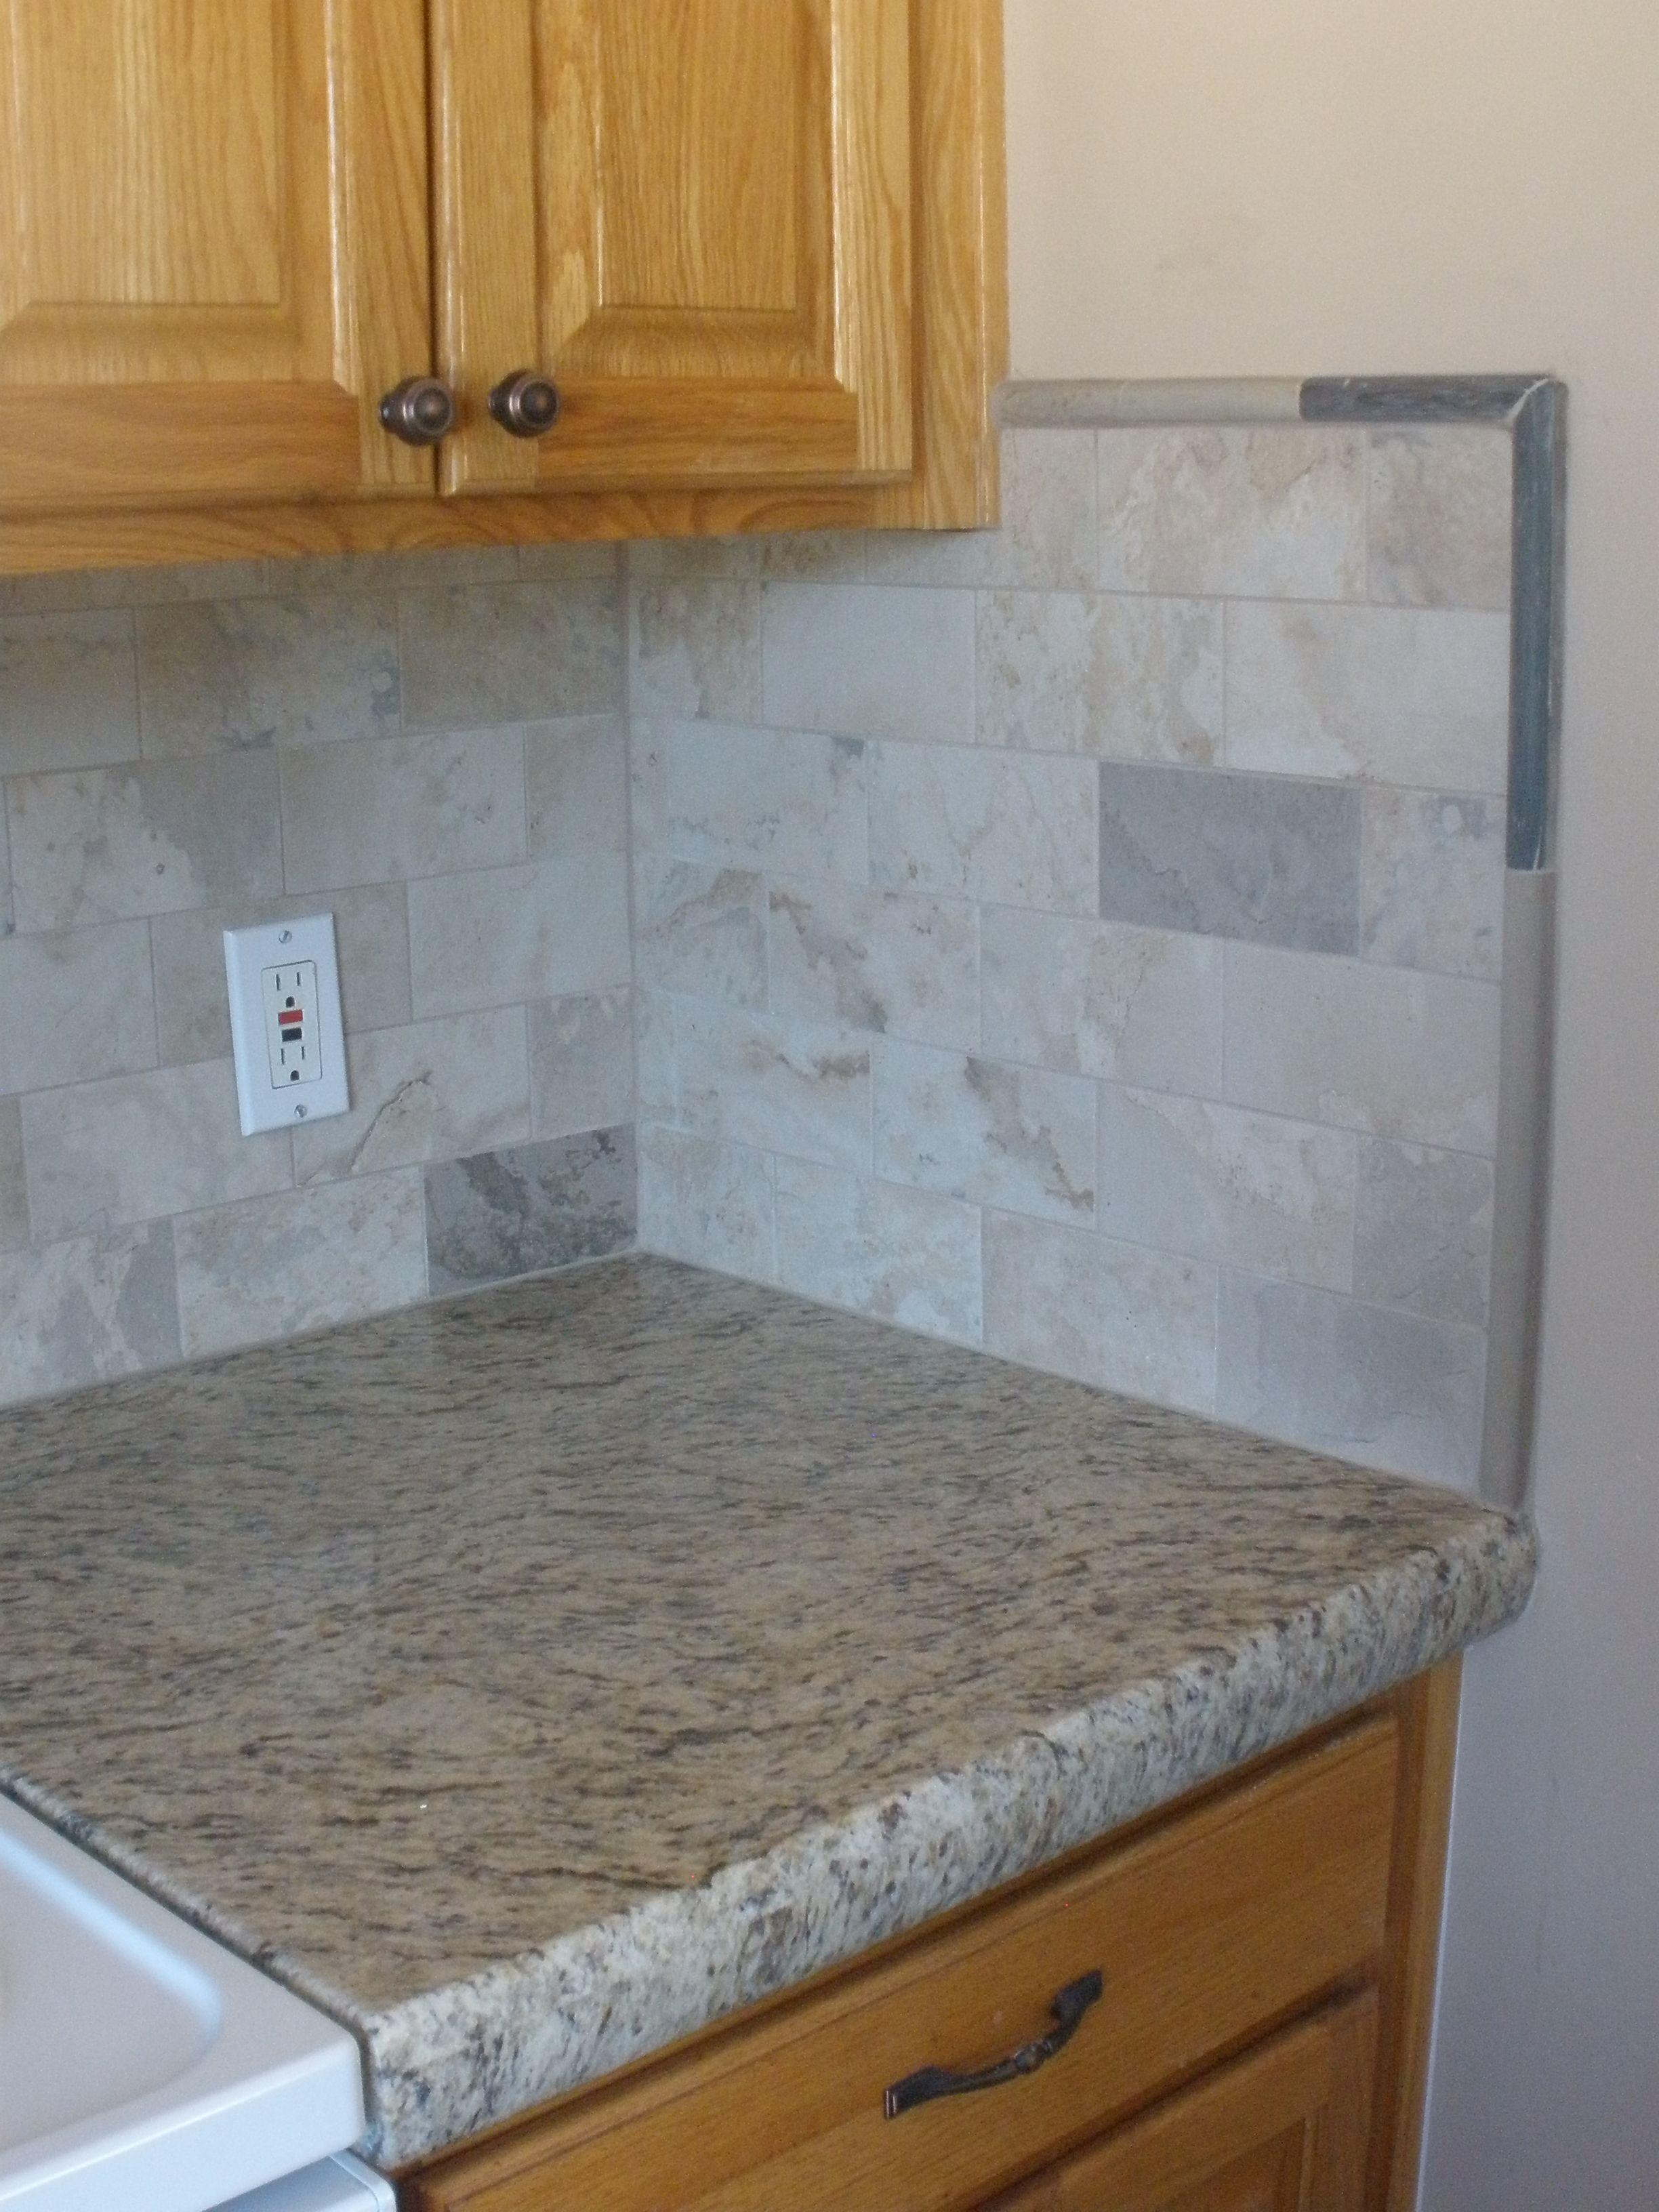 New backsplash and granite counter tops | kitchen | Pinterest ...